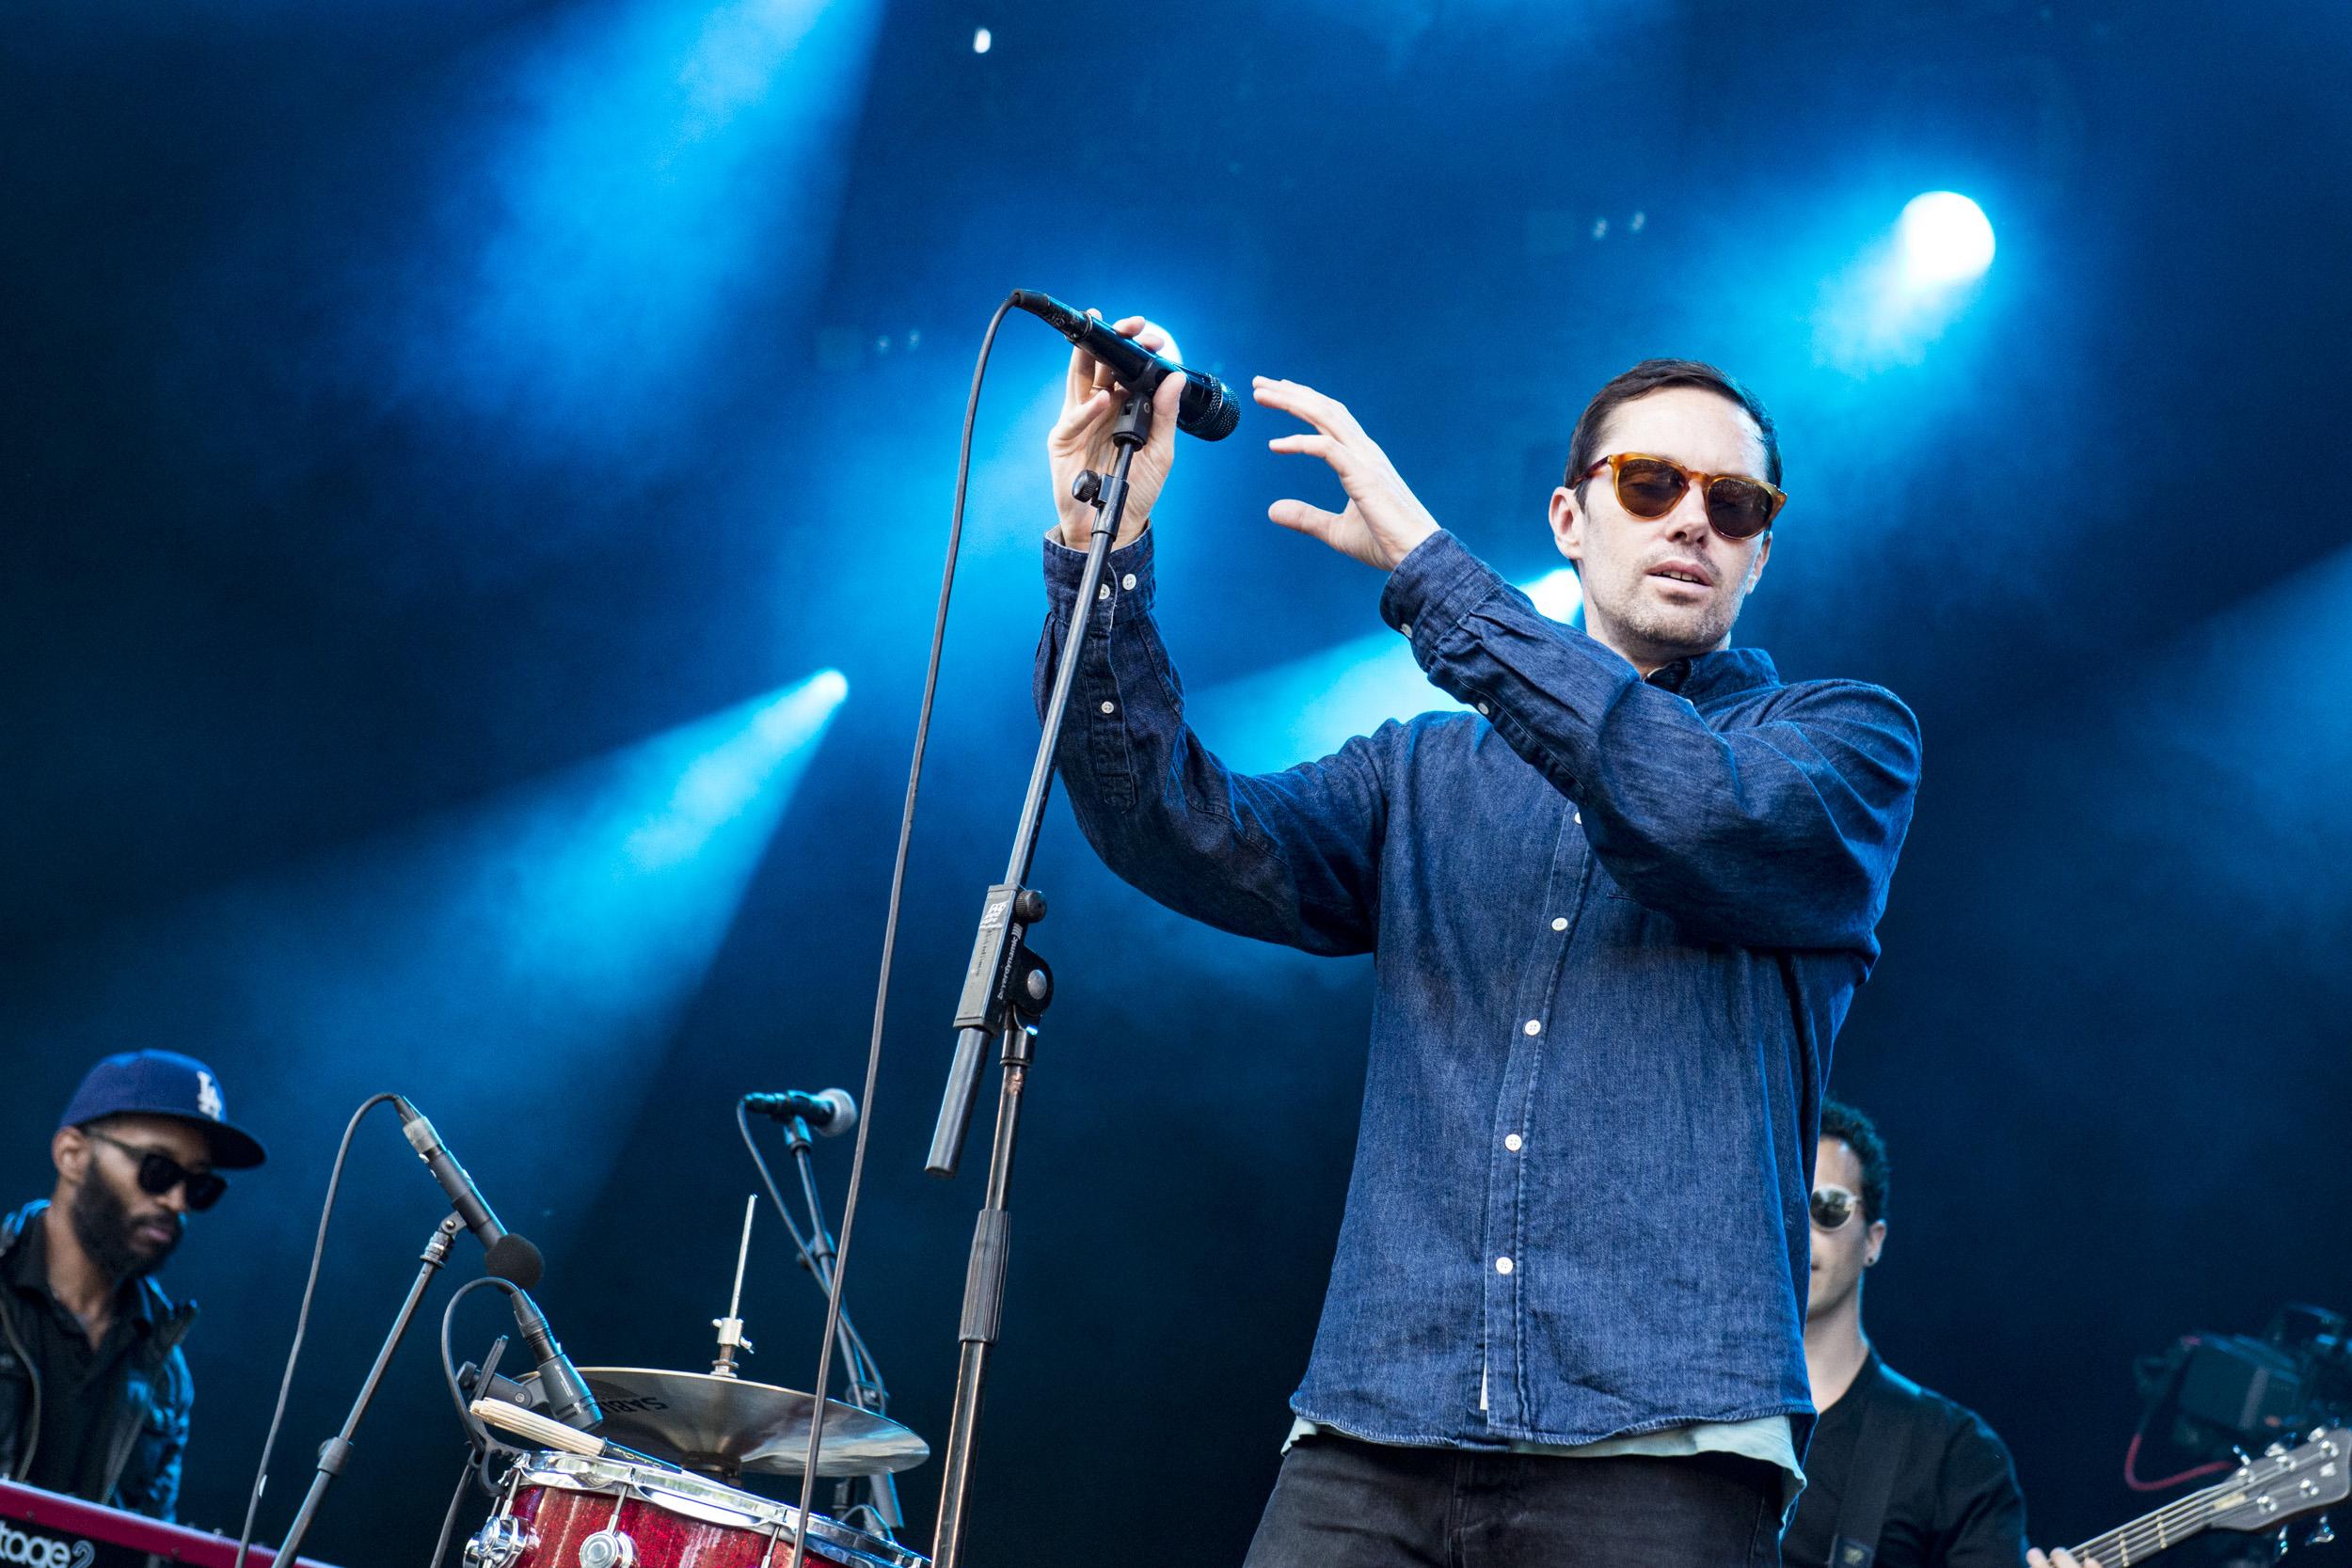 Rhye @ Cactusfestival 2017, Dag 2 (Nick De Baerdemaeker)